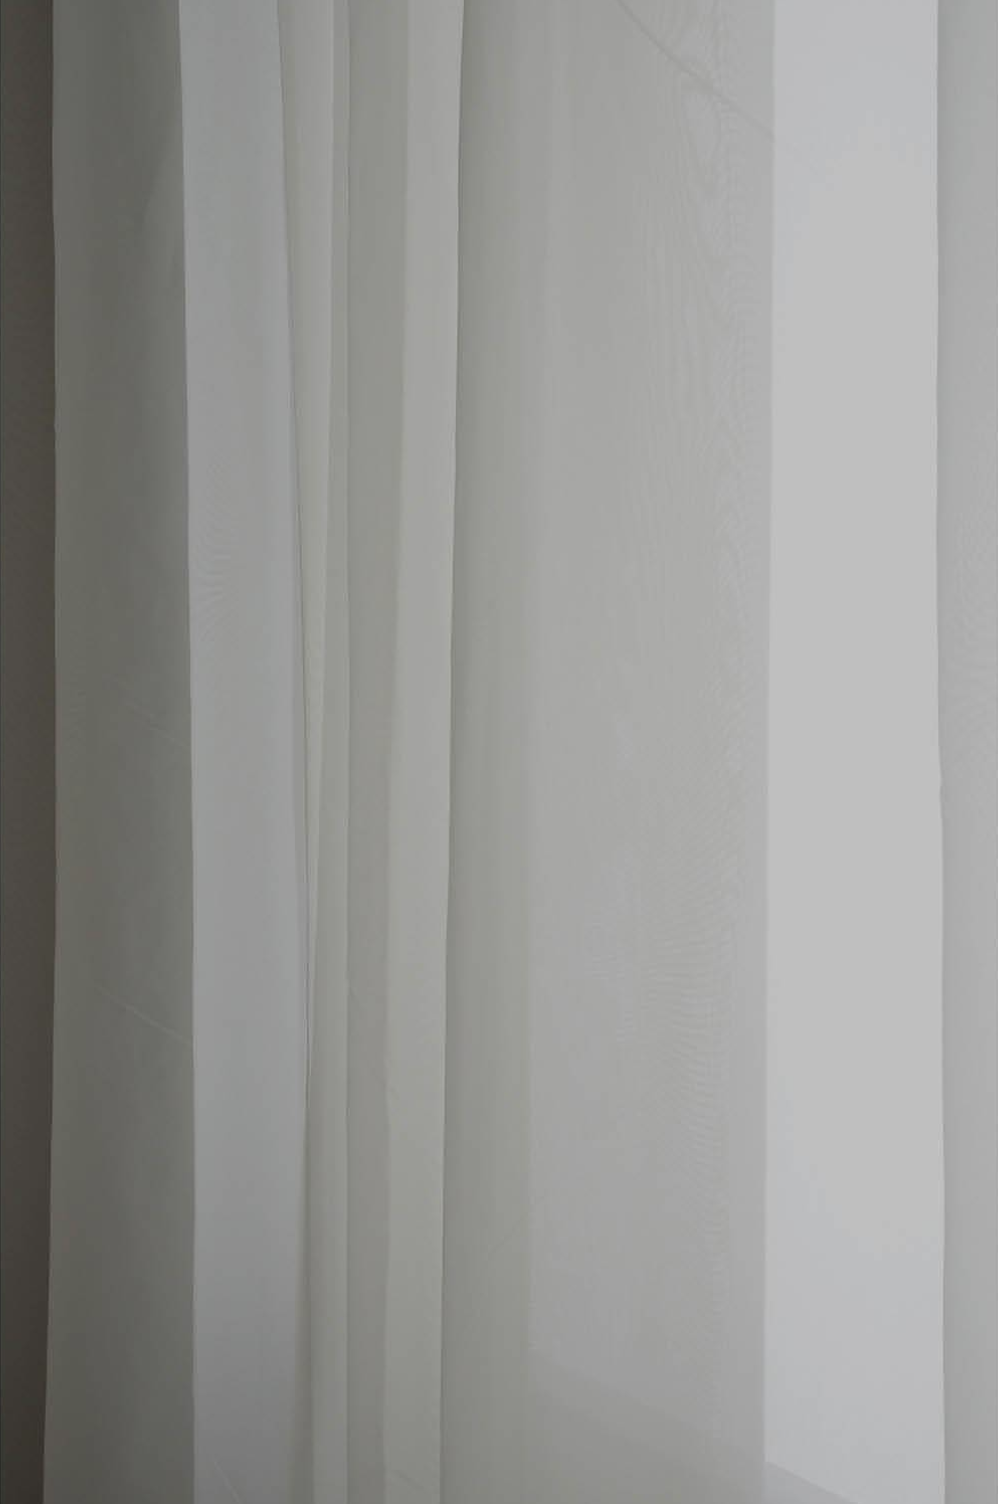 Skir Hotellgardin 290x250 cm, Grånatur